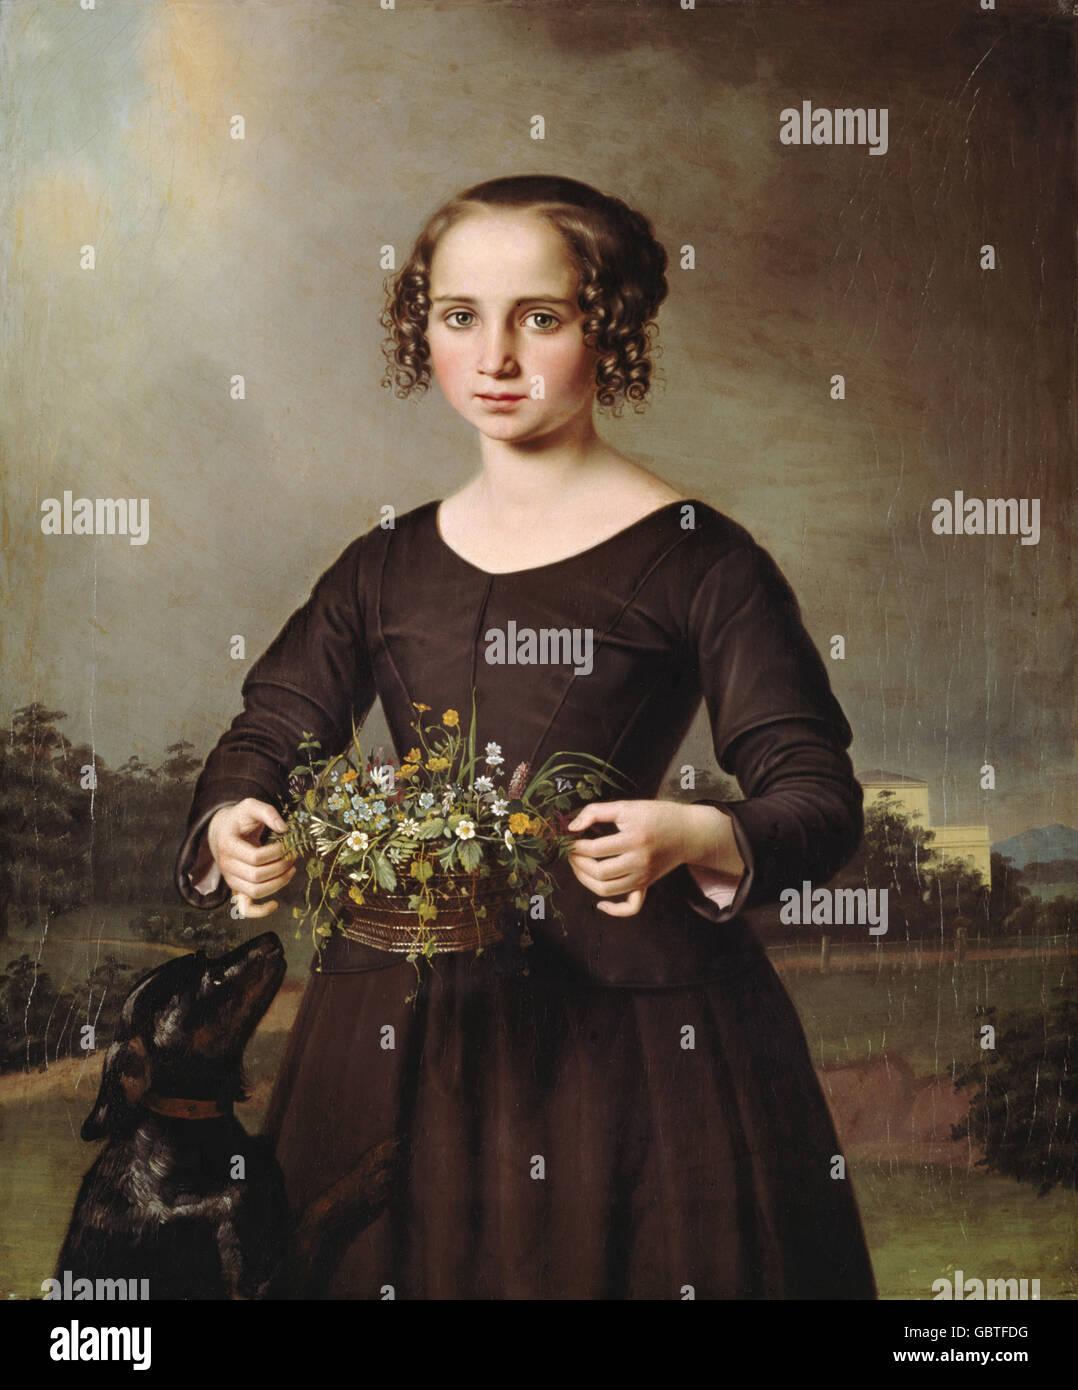 """Bildende Kunst, Rayski, Ferdinand Louis von (23.10.1806 - 23.10.1890), Malerei """"Bild eines Mädchens"""", Stockbild"""